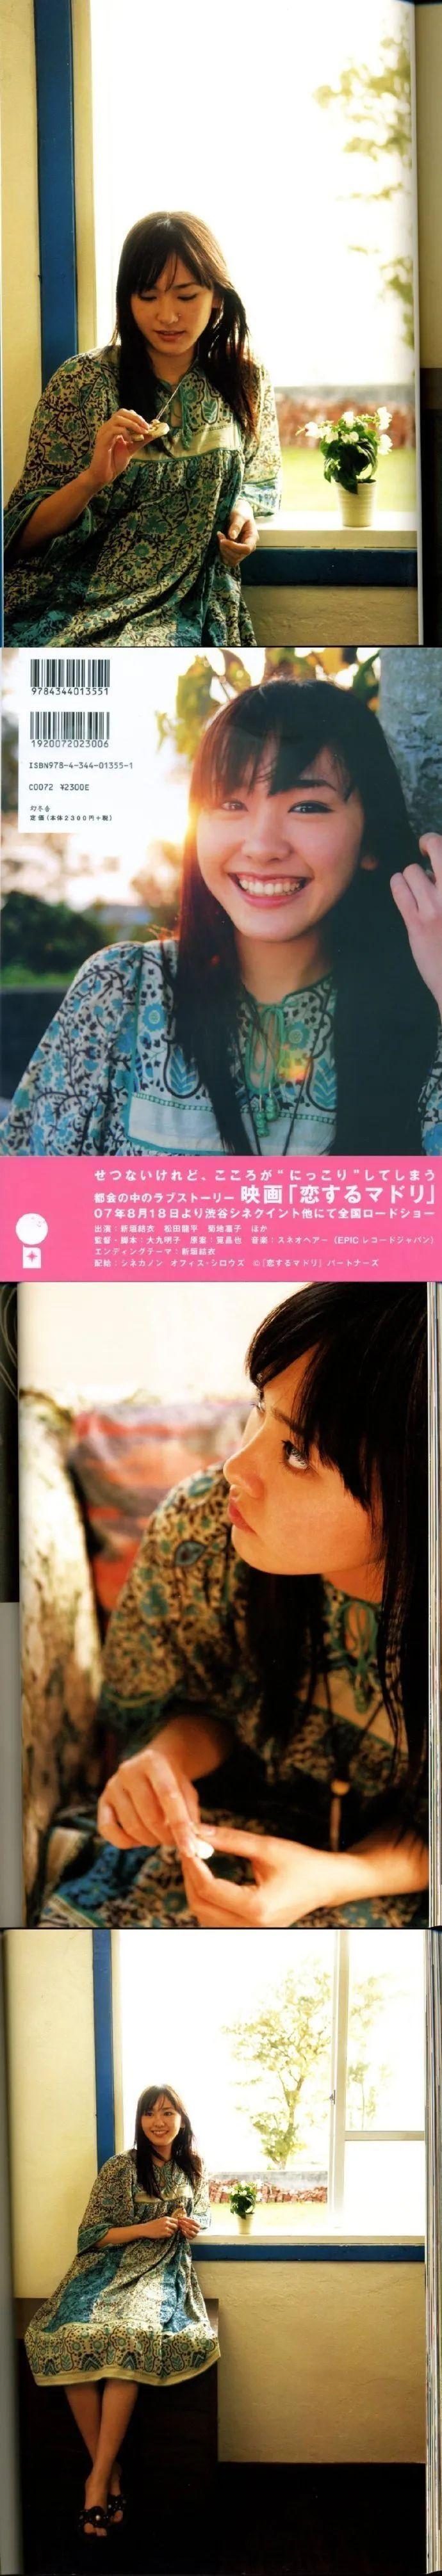 新垣结衣「恋爱部屋」写真集_图片 No.2